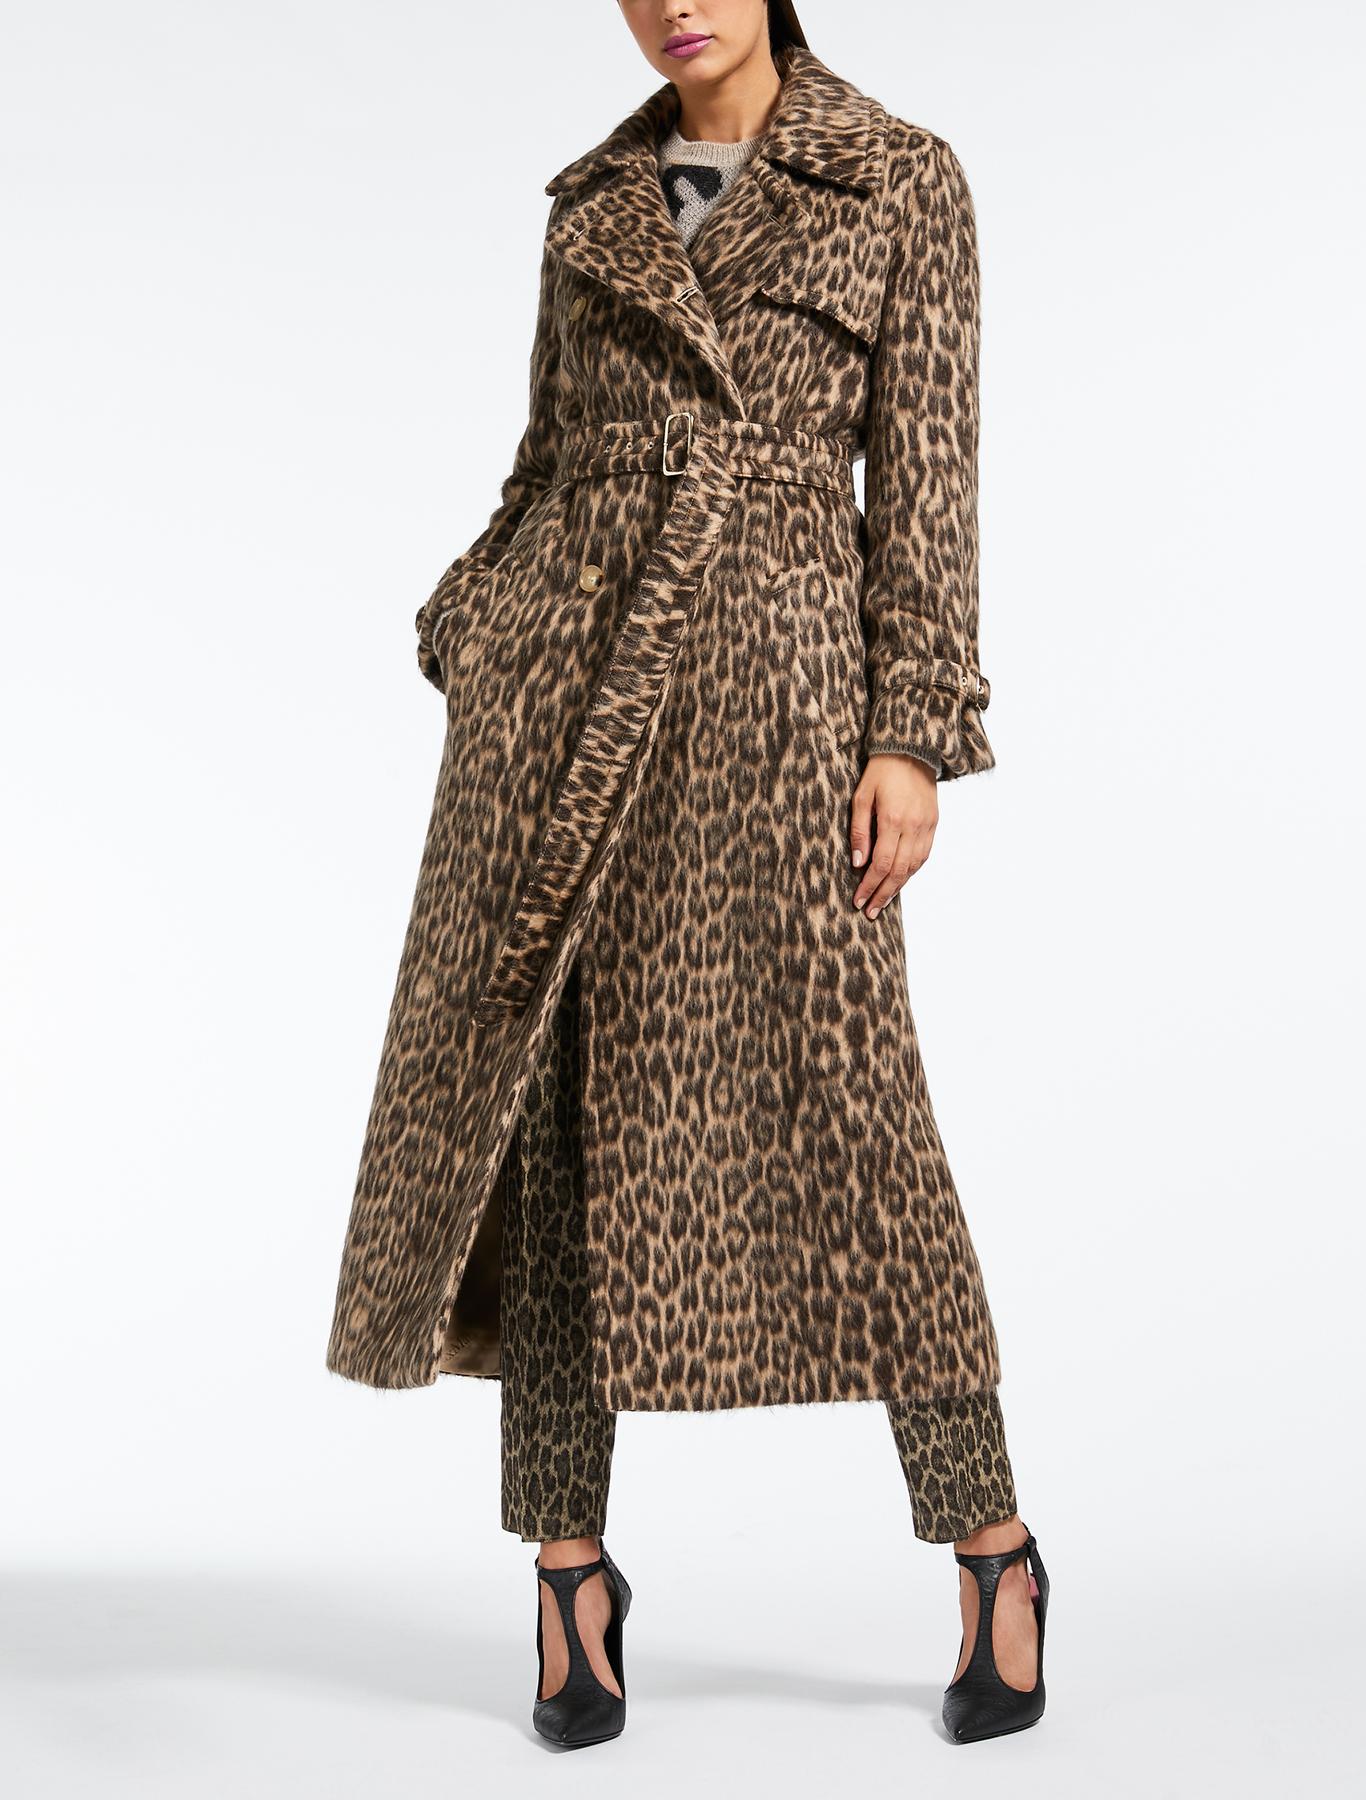 Cappotto lungo animalier Max Mara in lana e alpaca a 1600 euro. Fonte foto  Max  Mara.com 0ef99cc30ea